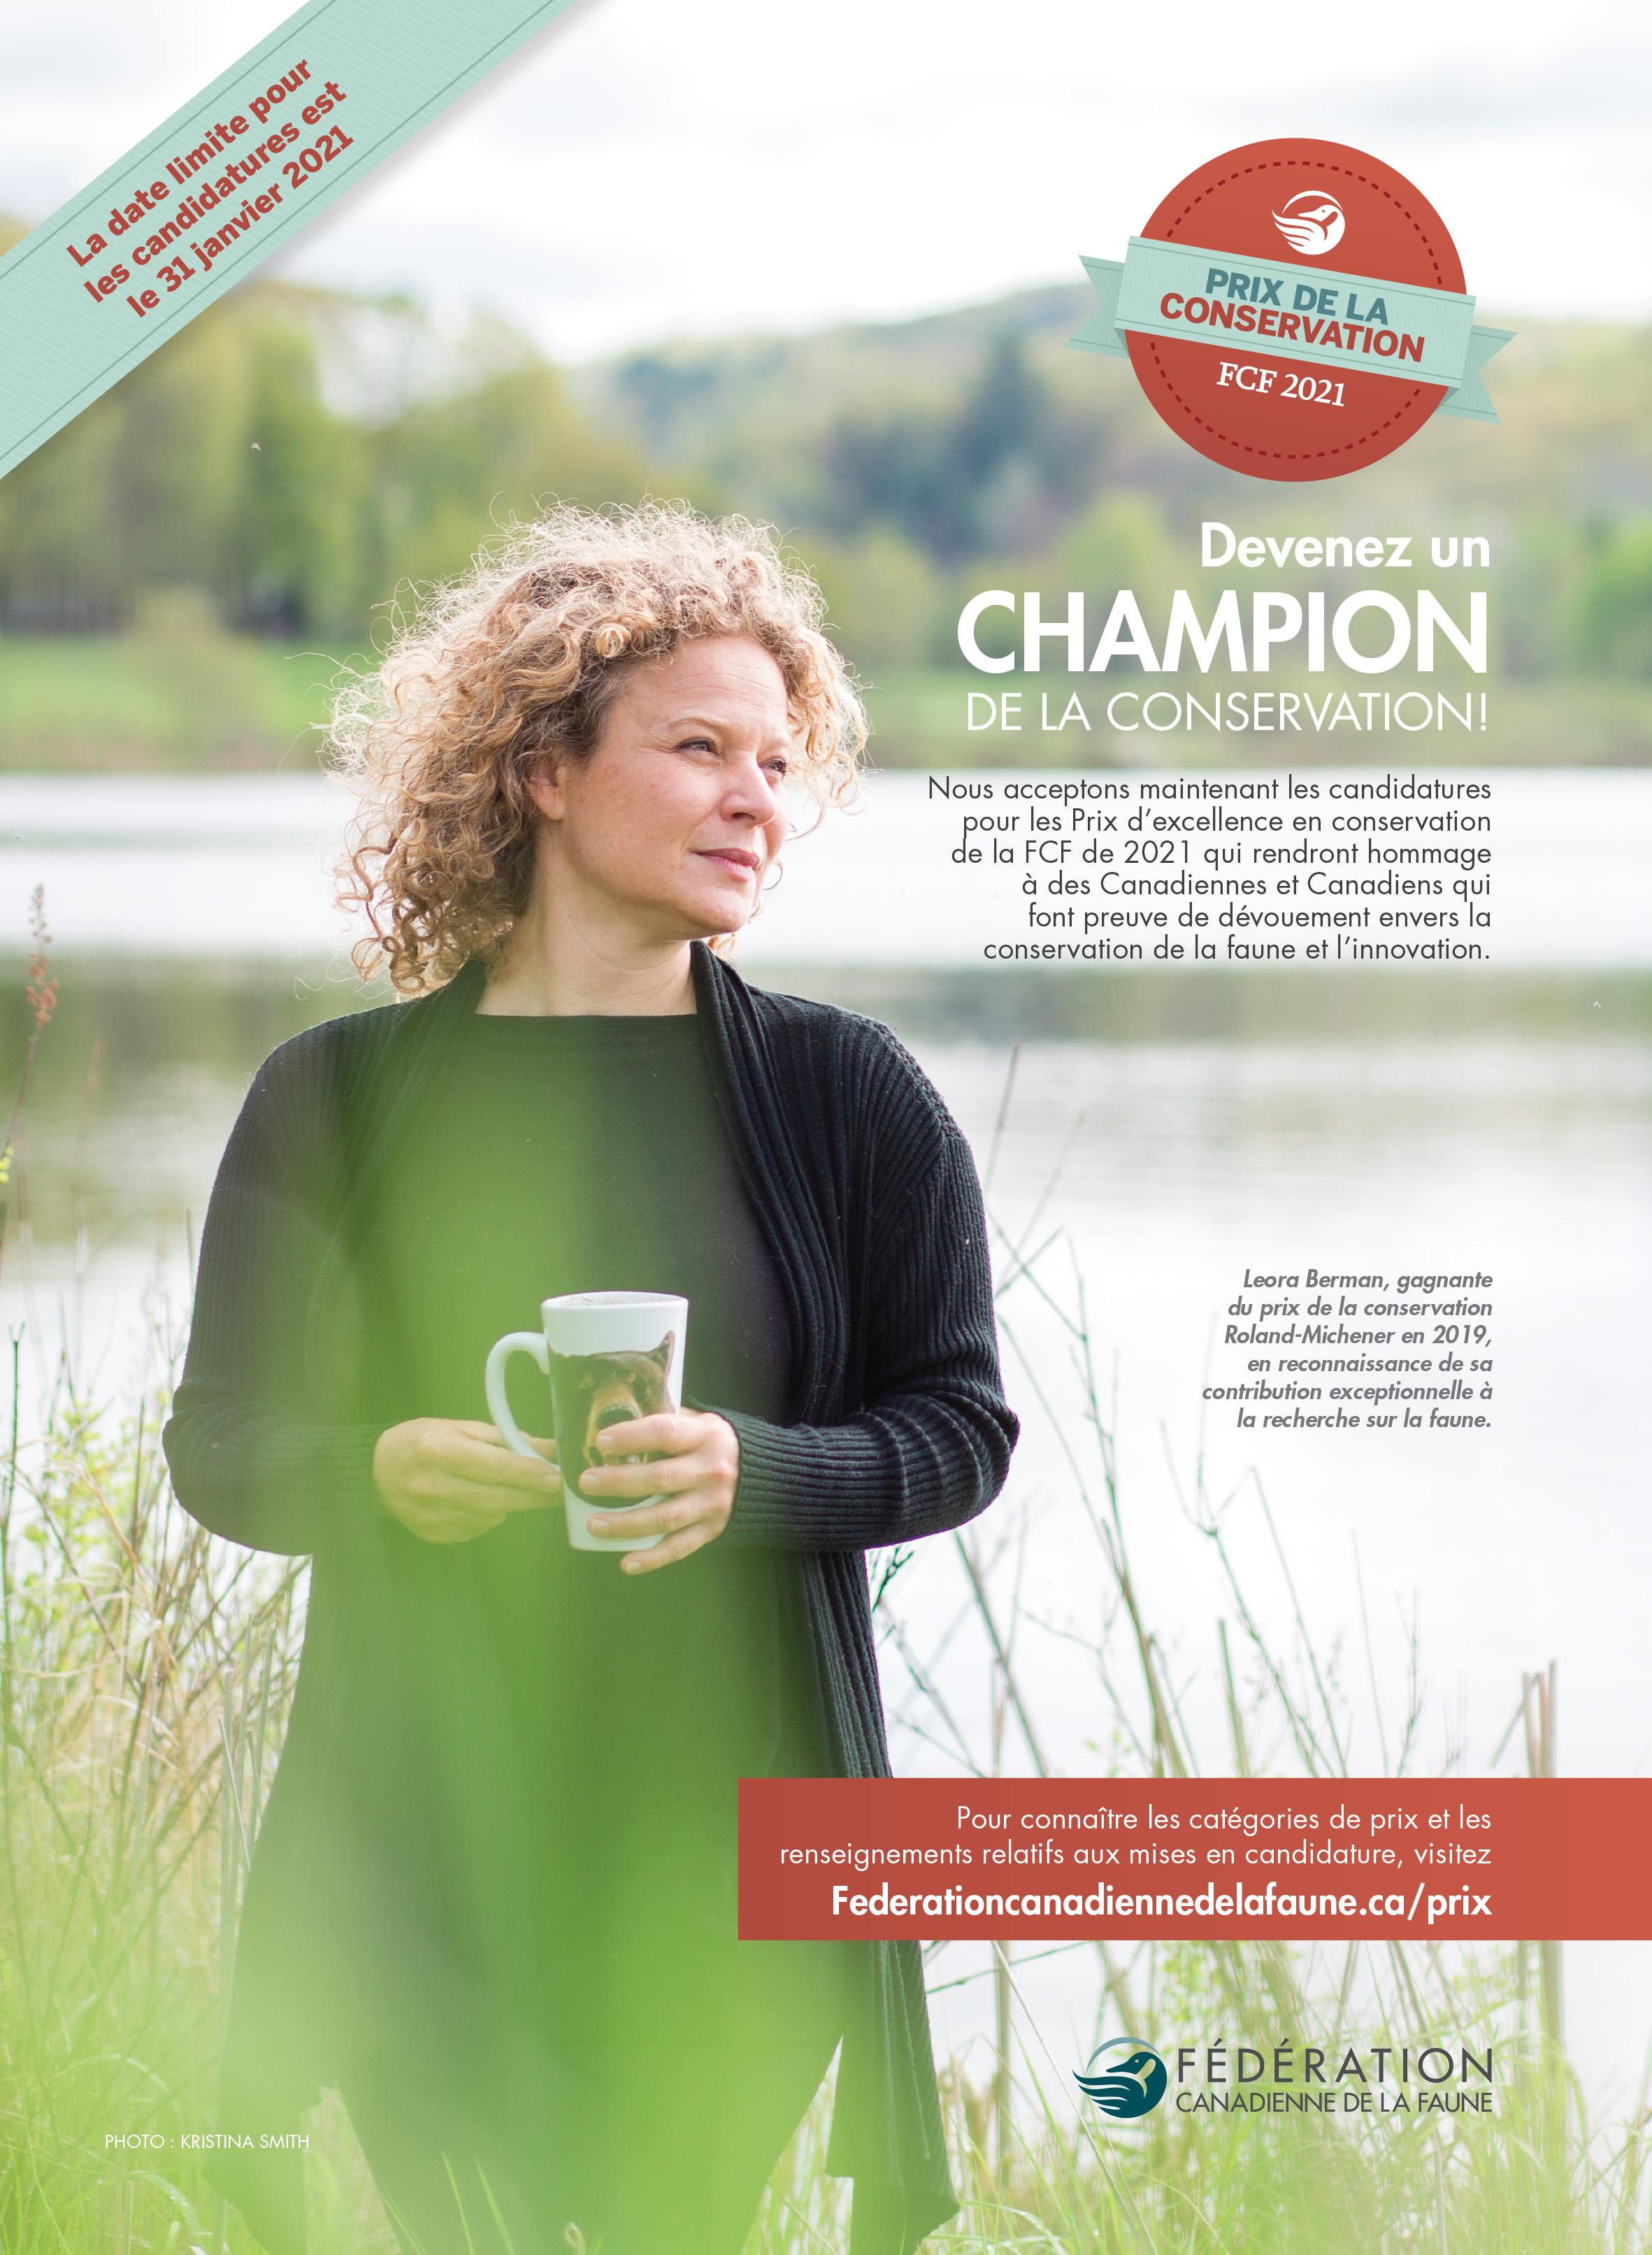 Programme des Prix canadiens d*excellence en conservation